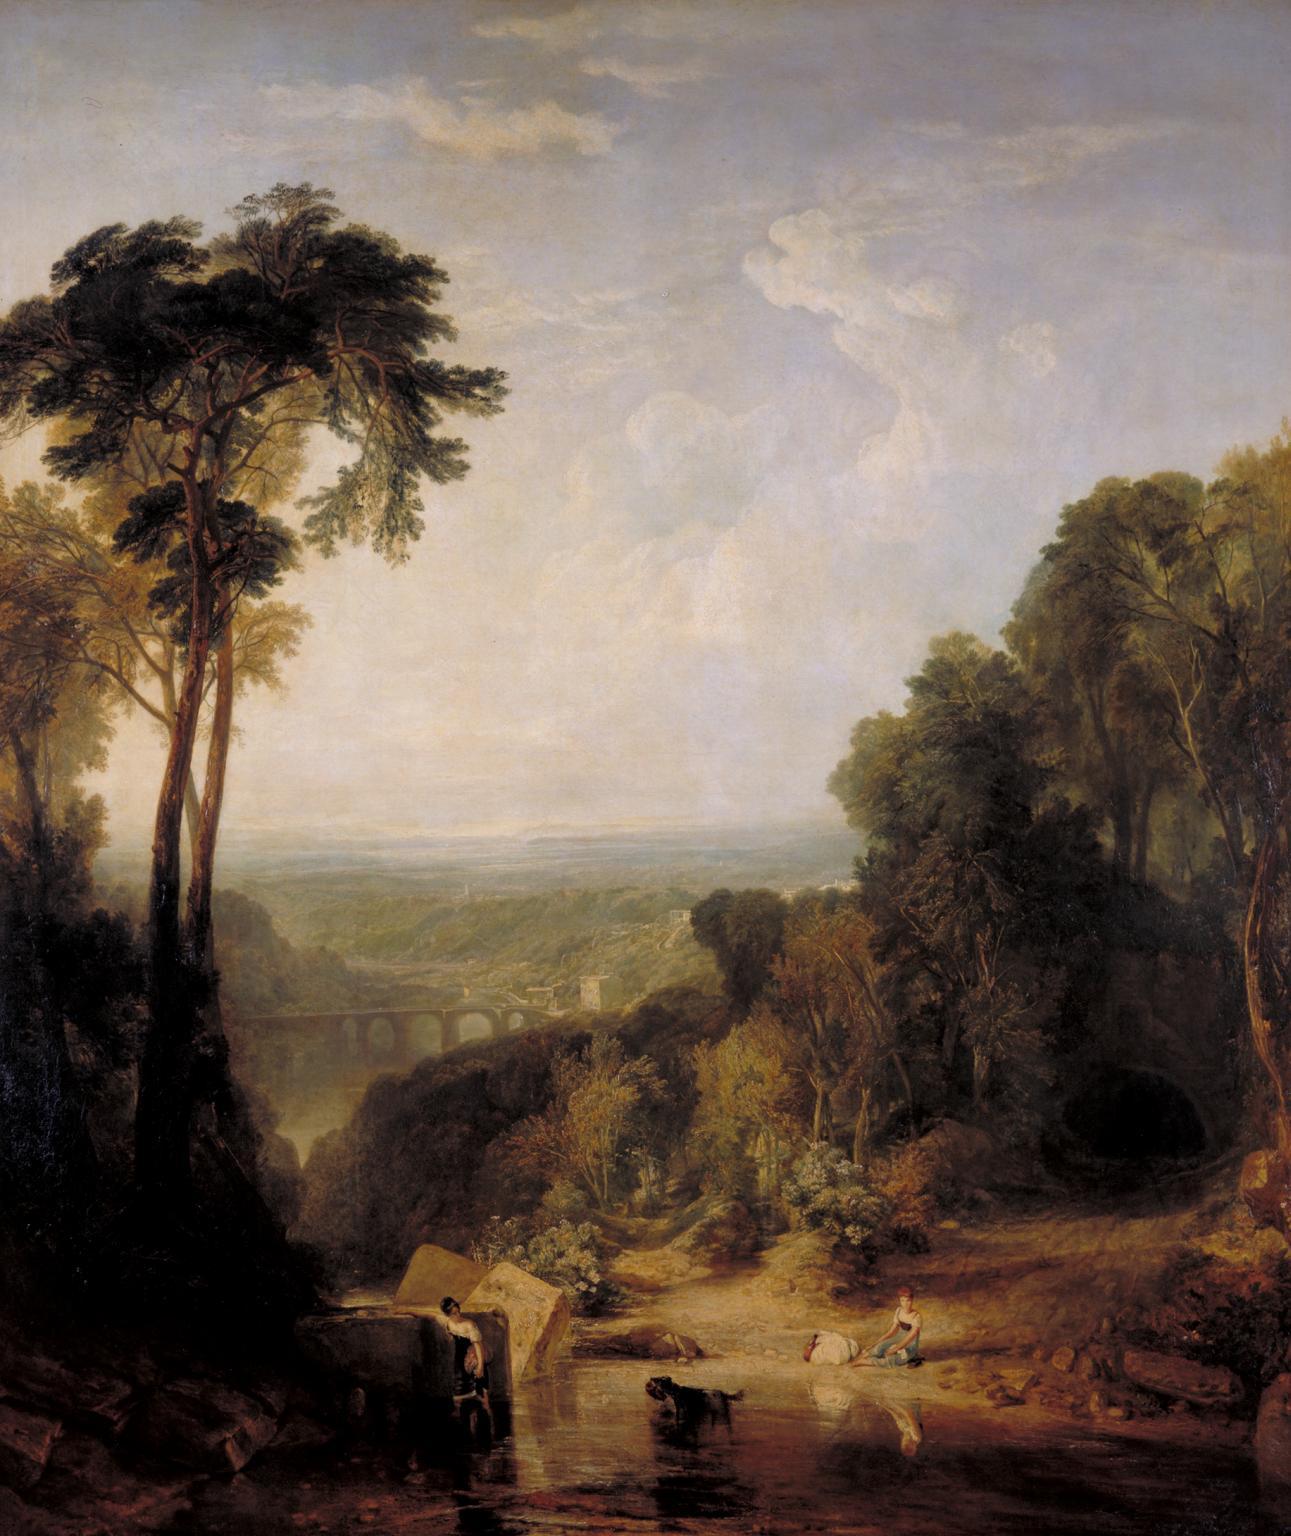 William Turner - Crossing the Brook.jpg